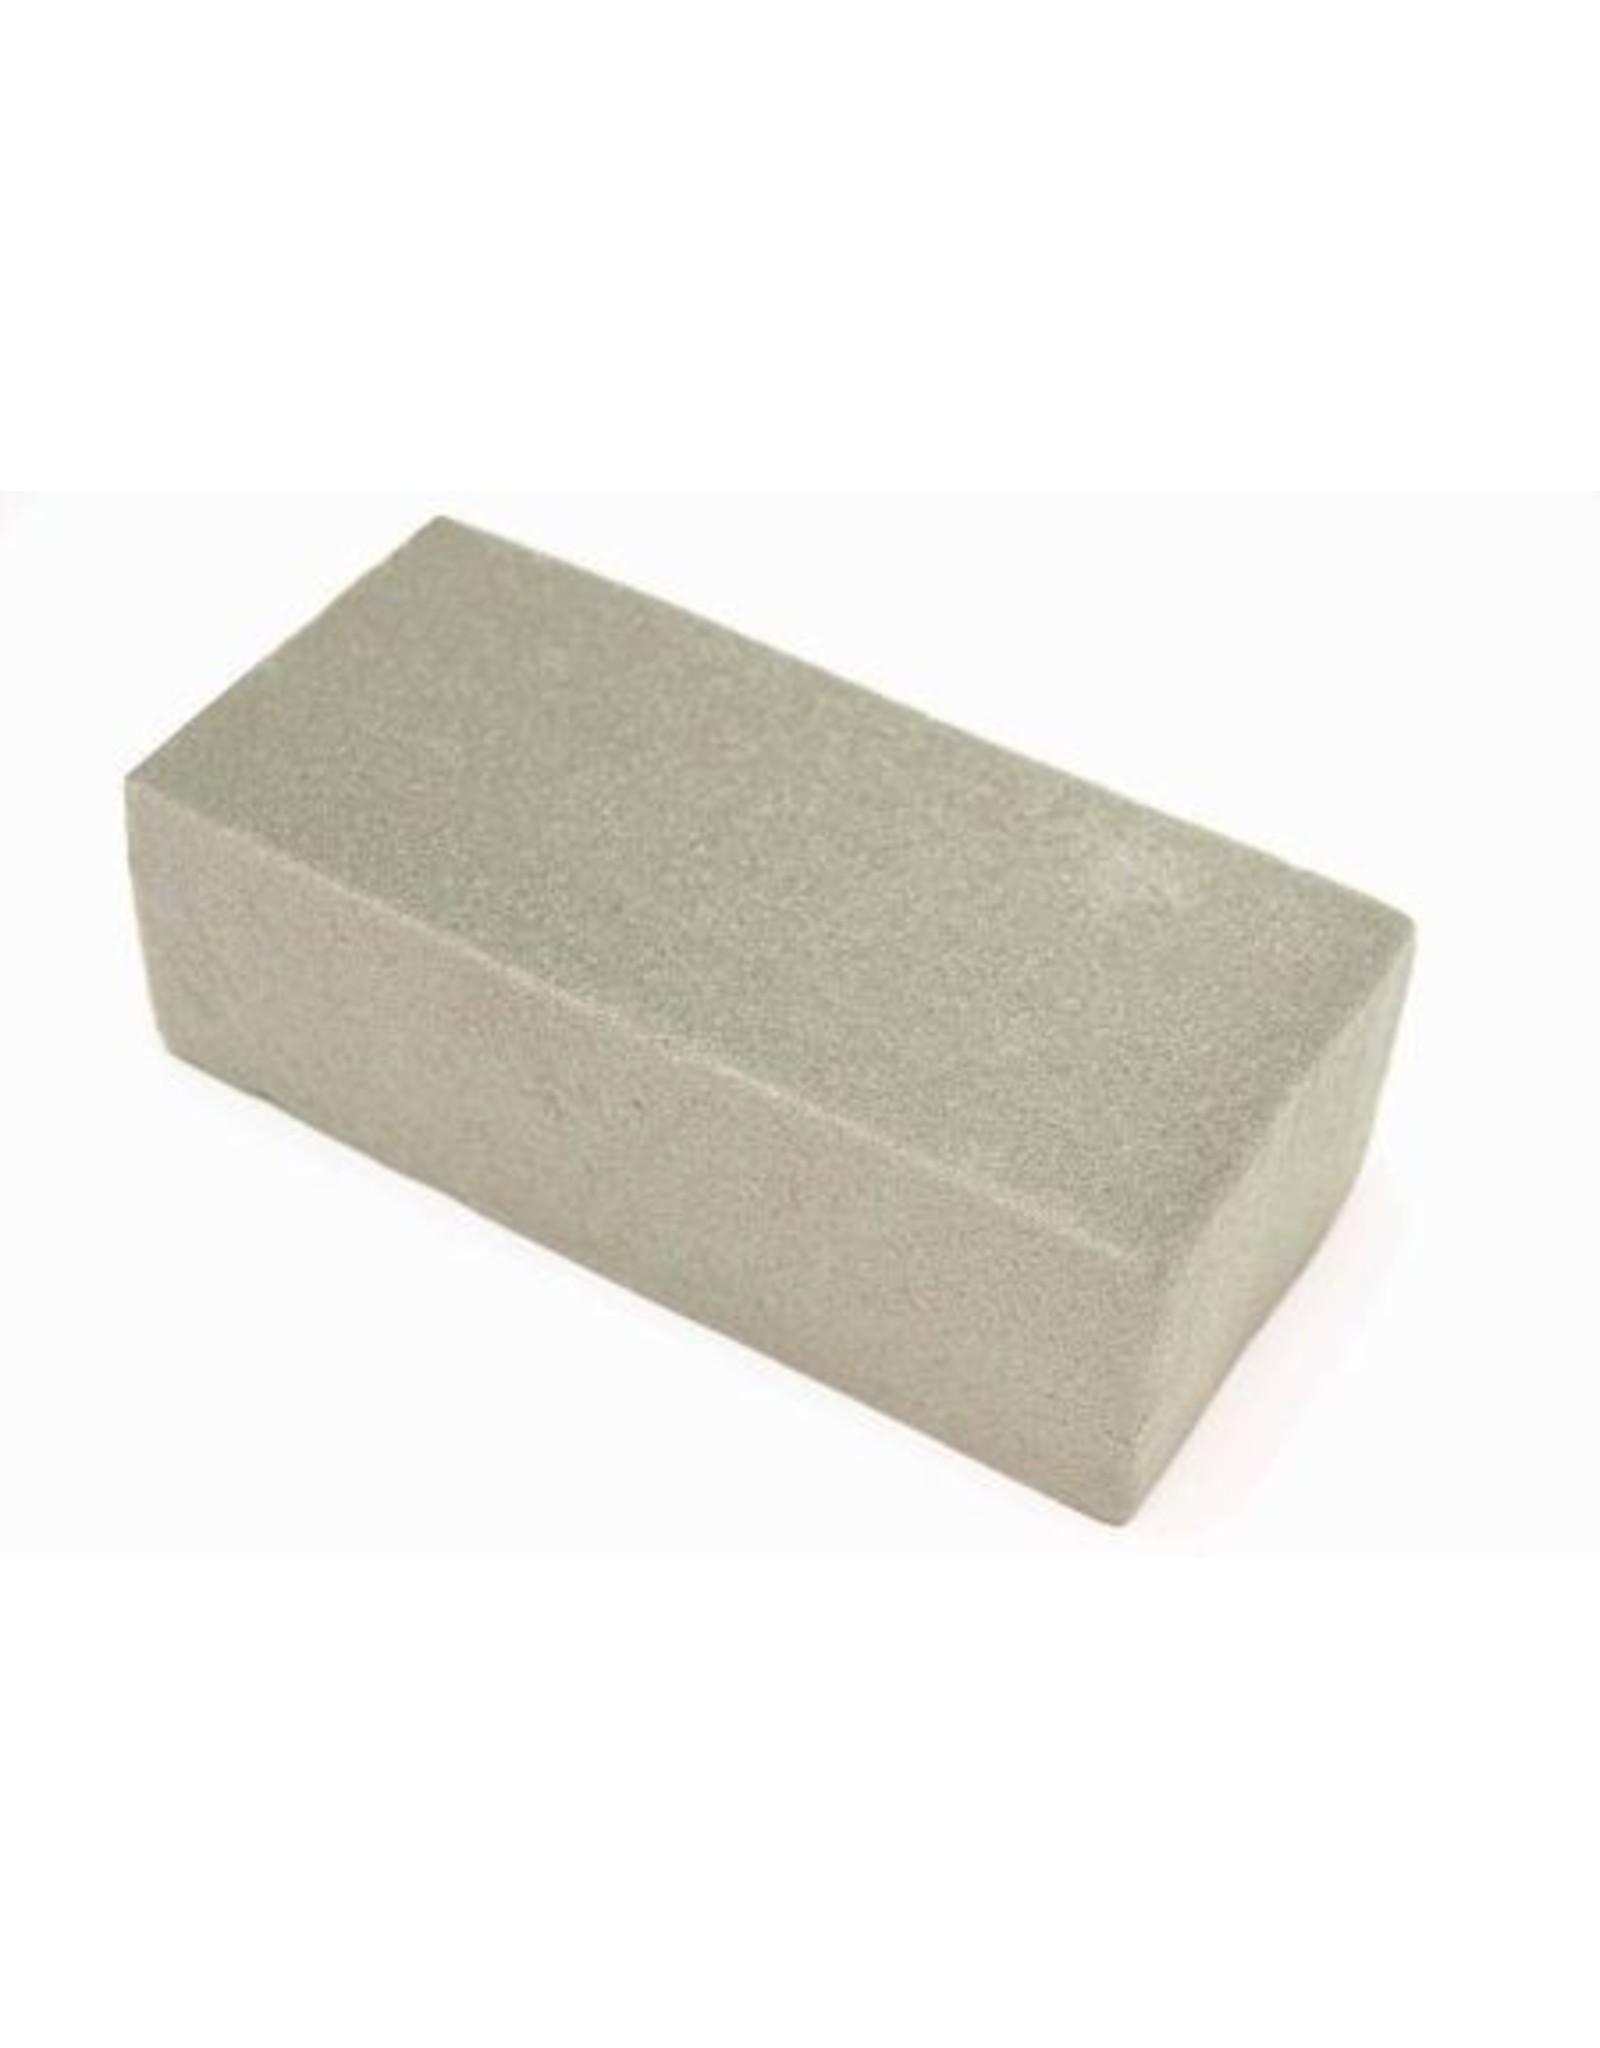 HD Basic Brick Dry Foam L20.0w10.0h7.5 x 20